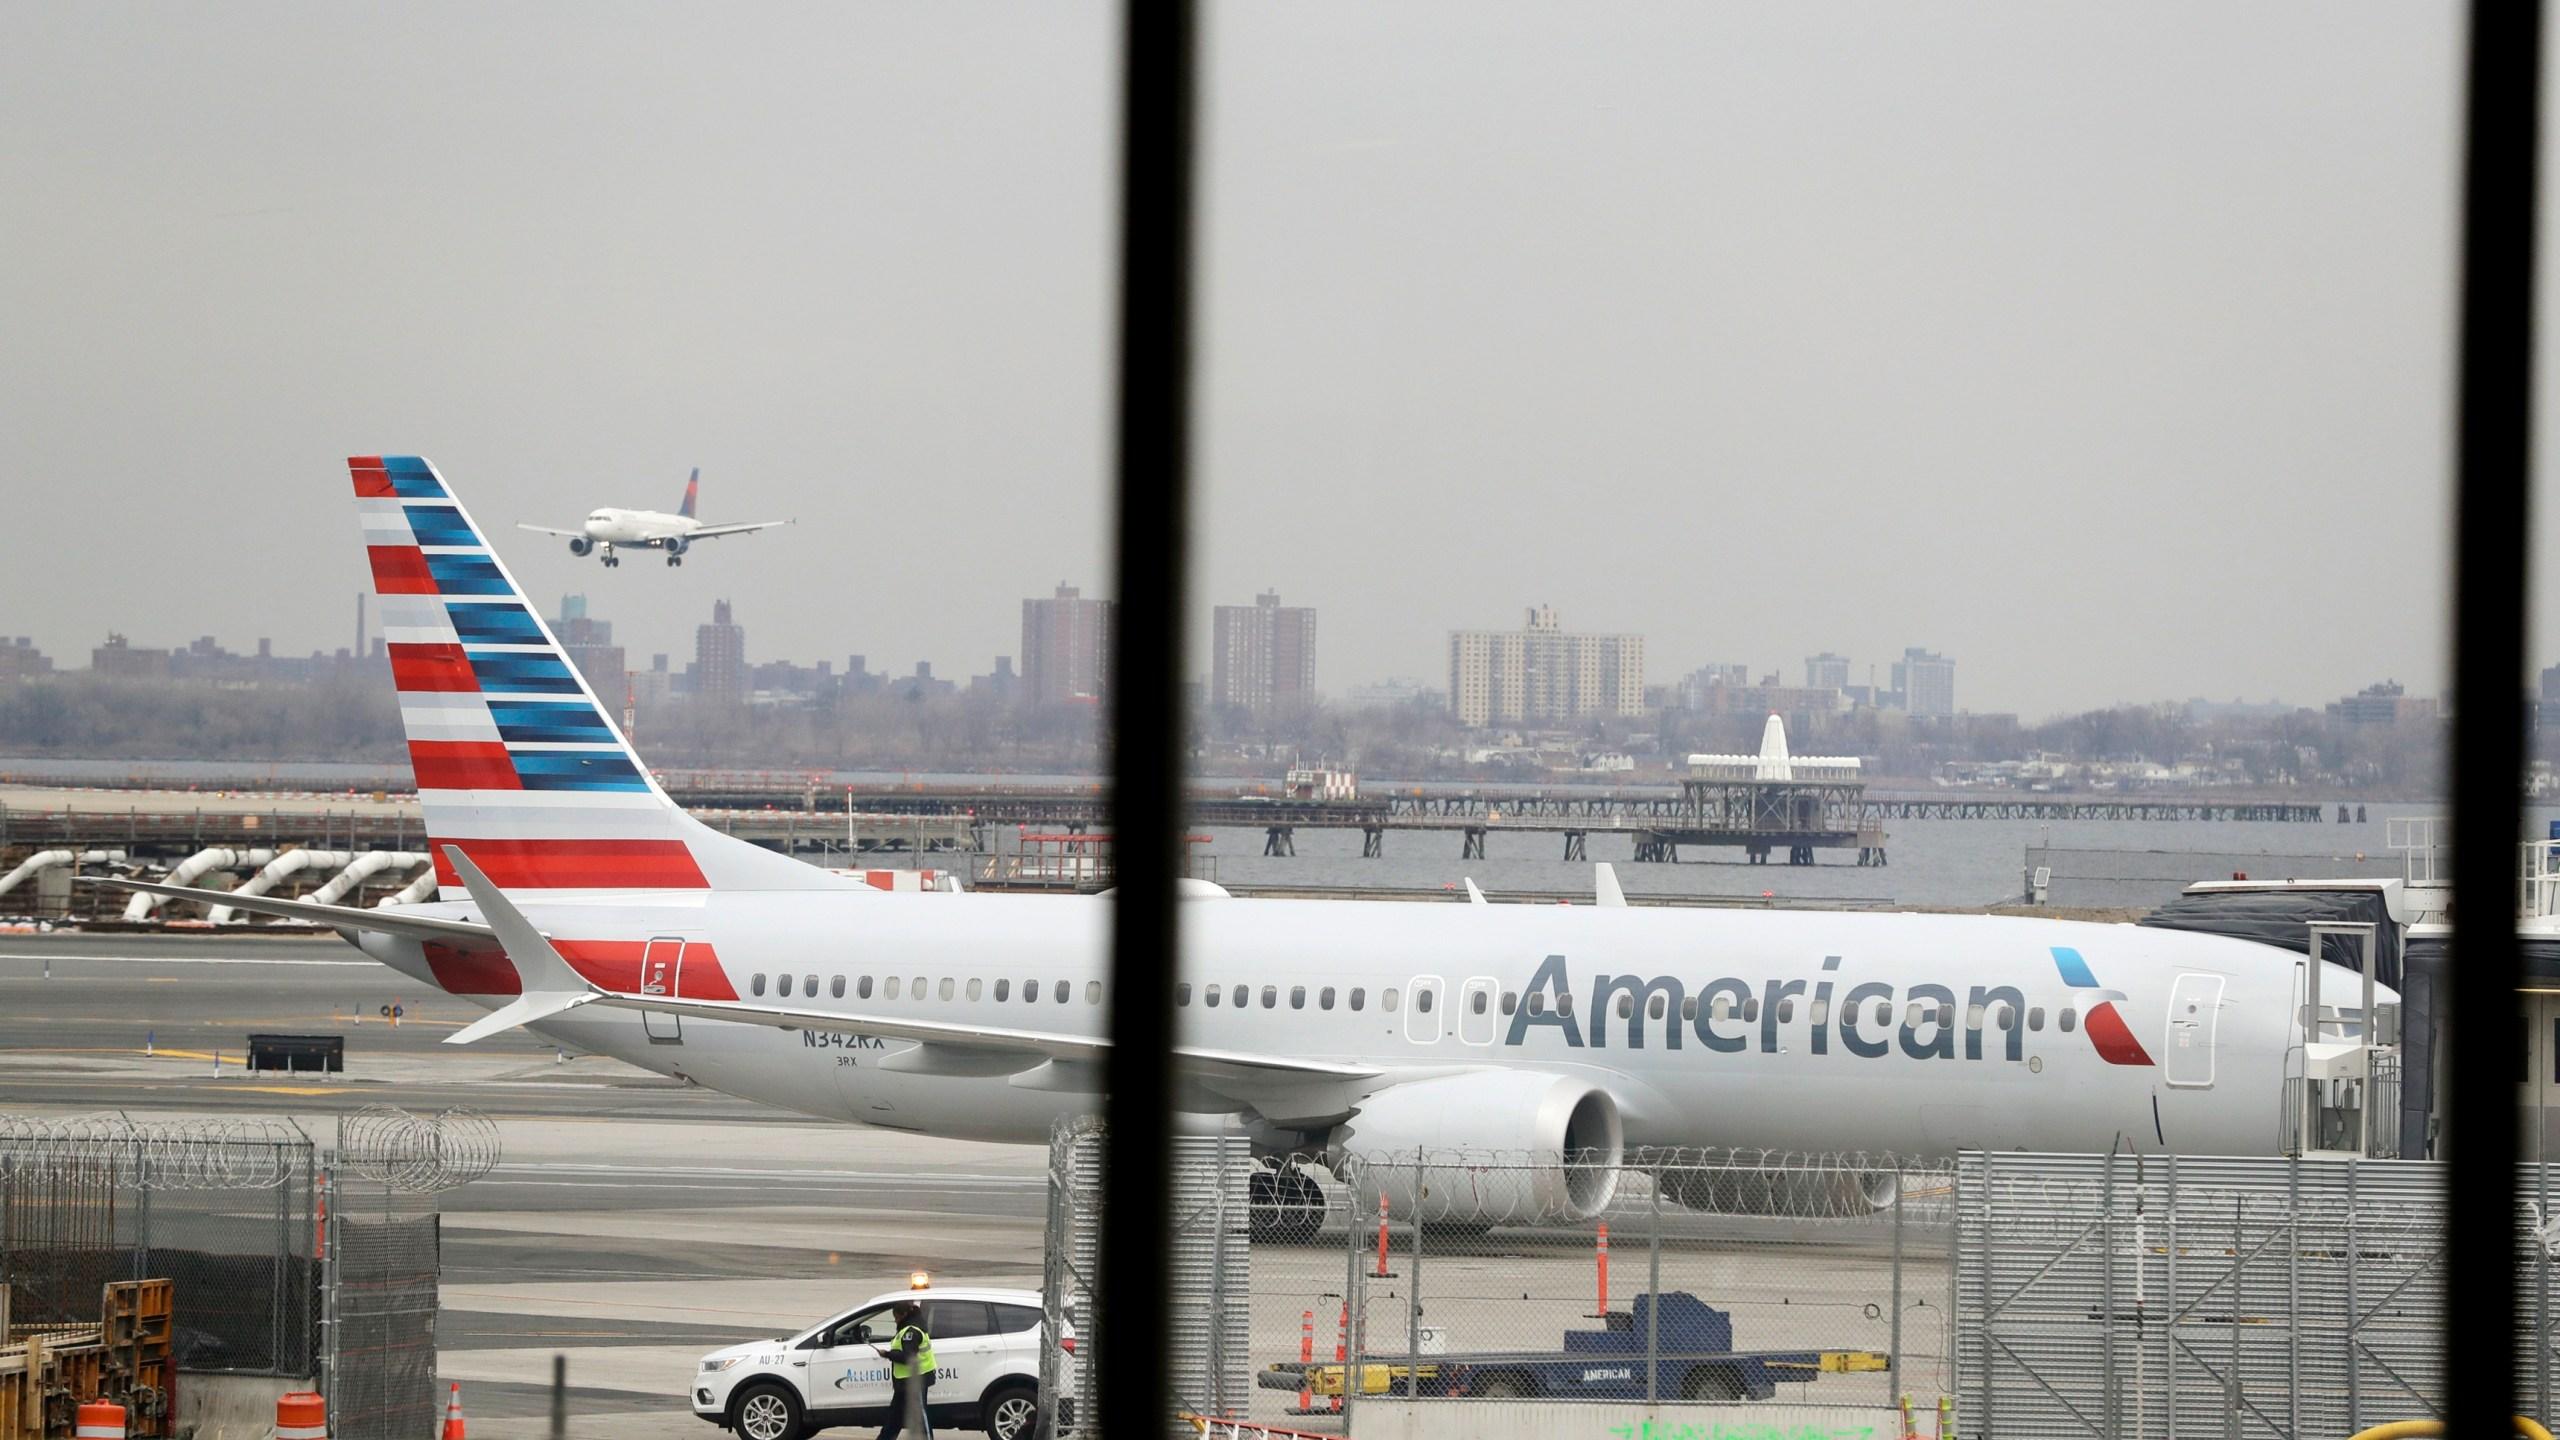 Boeing_American_Airlines_94123-159532.jpg91733557